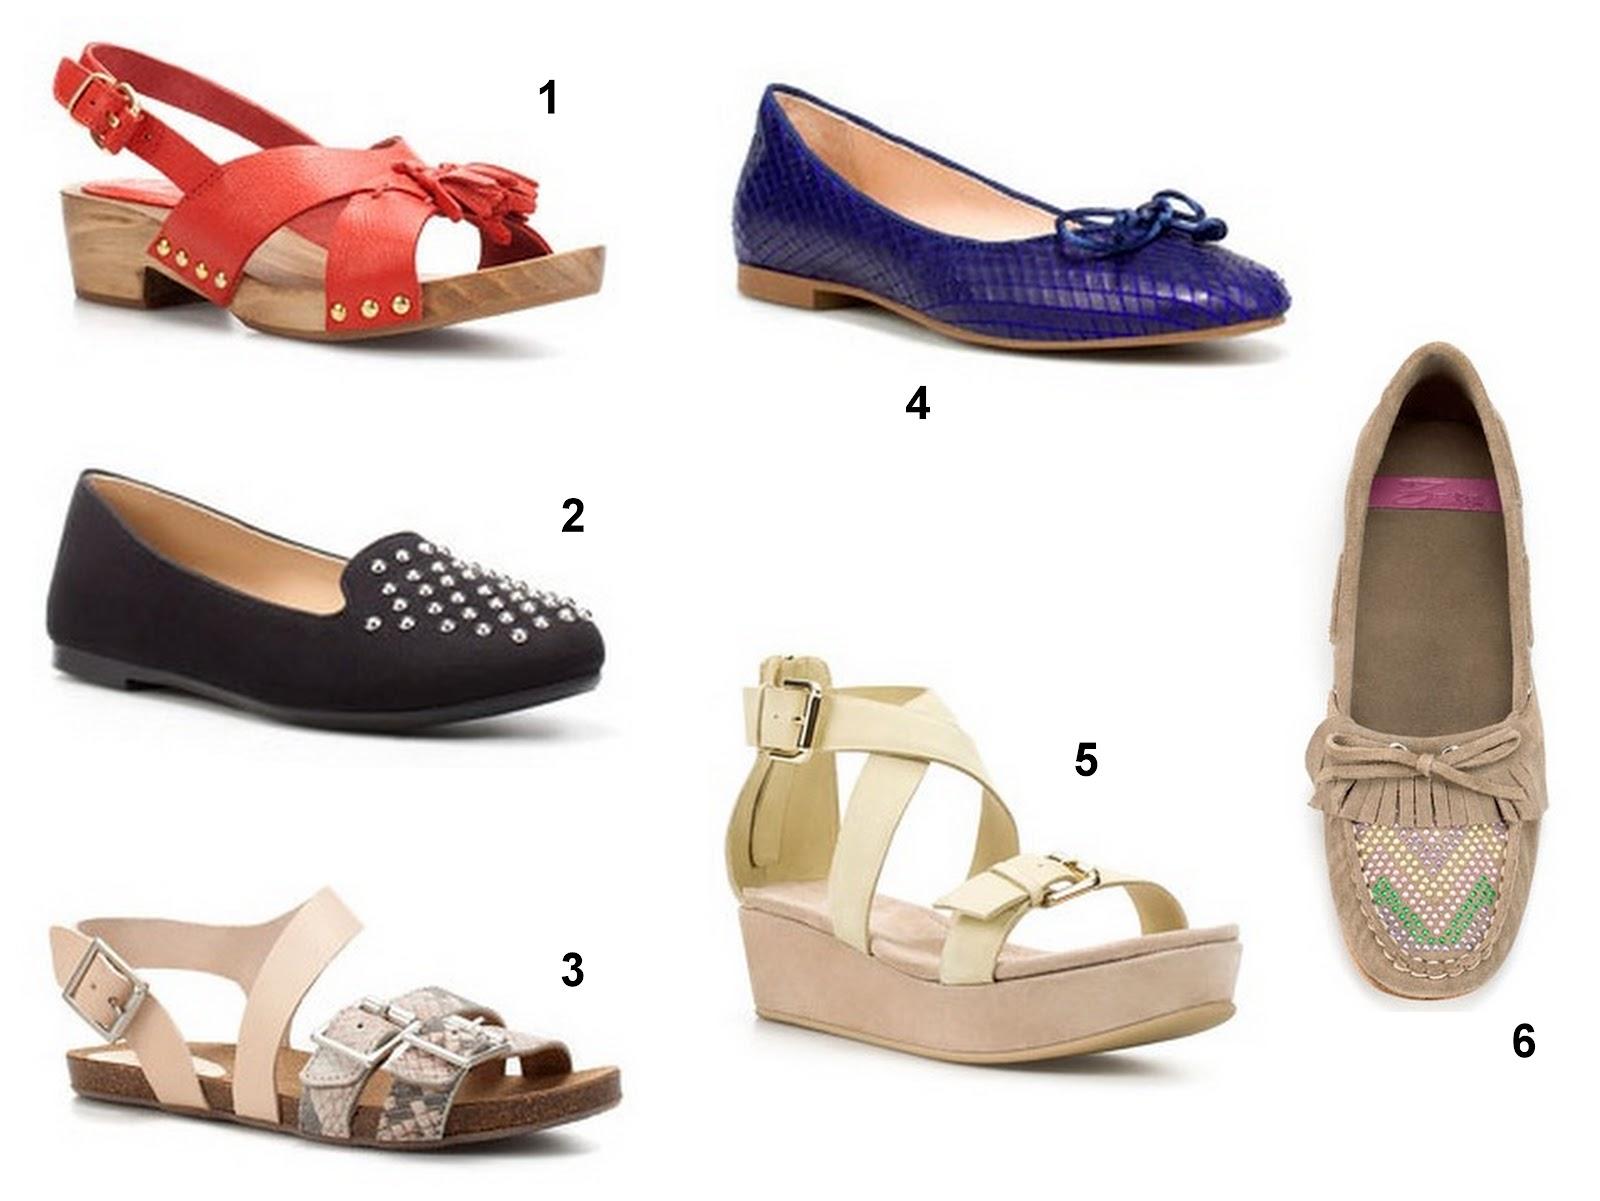 Do Nina Shoes Run True To Size